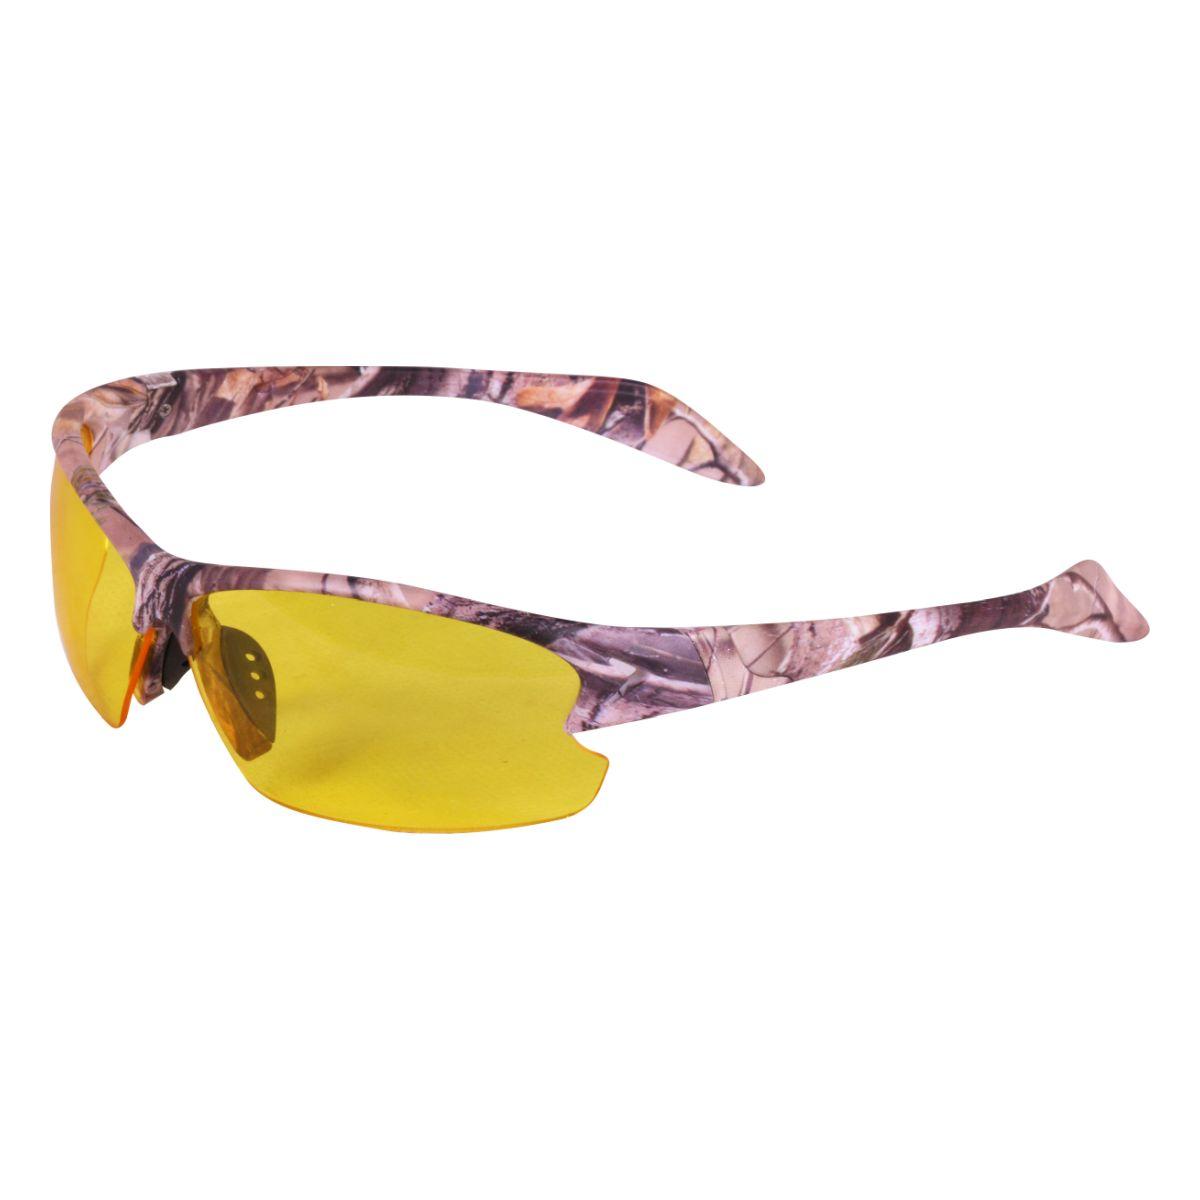 Okuliare strelecké 2 skla s púzdrom FORES CAMO HNEDÉ